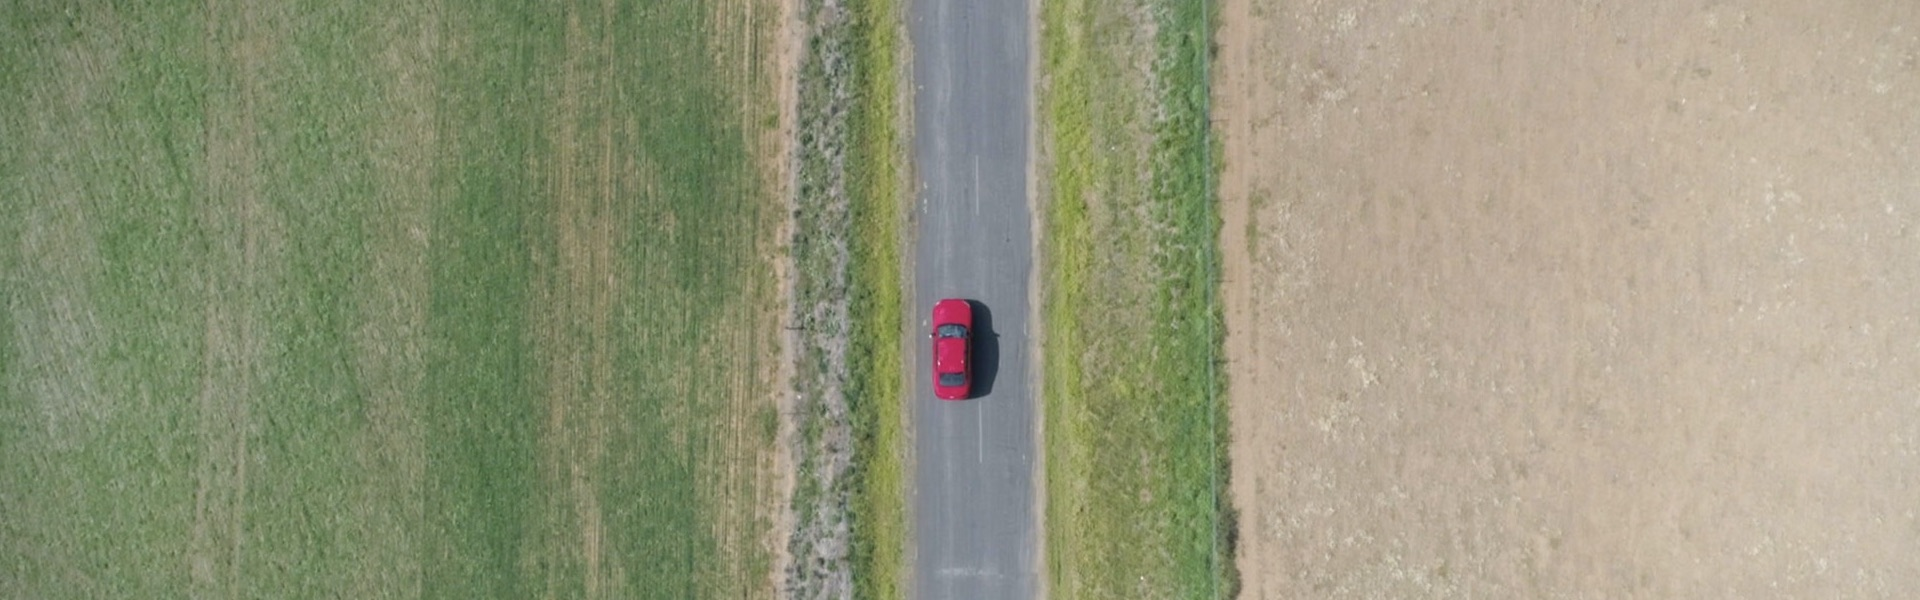 Audi na cesti med polji slikan od zgoraj